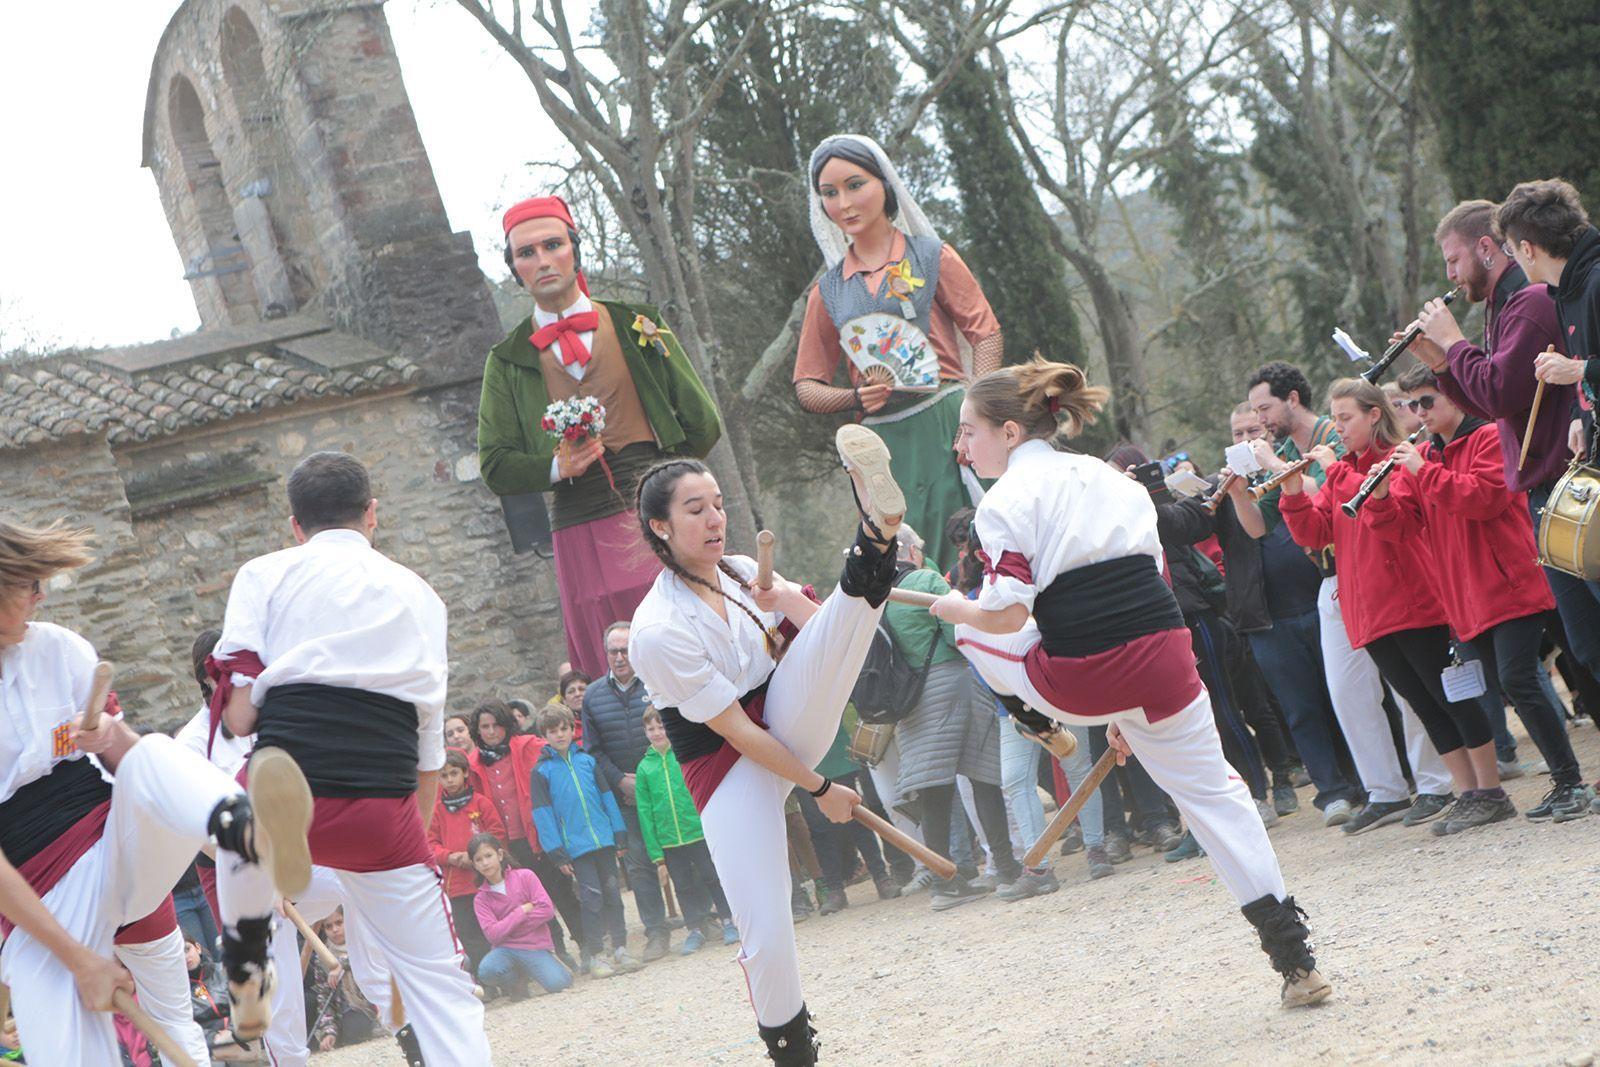 L'Aplec de Sant Medir va ser de les últimes activitats multitudinàries que es van celebrar abans de la Covid-19